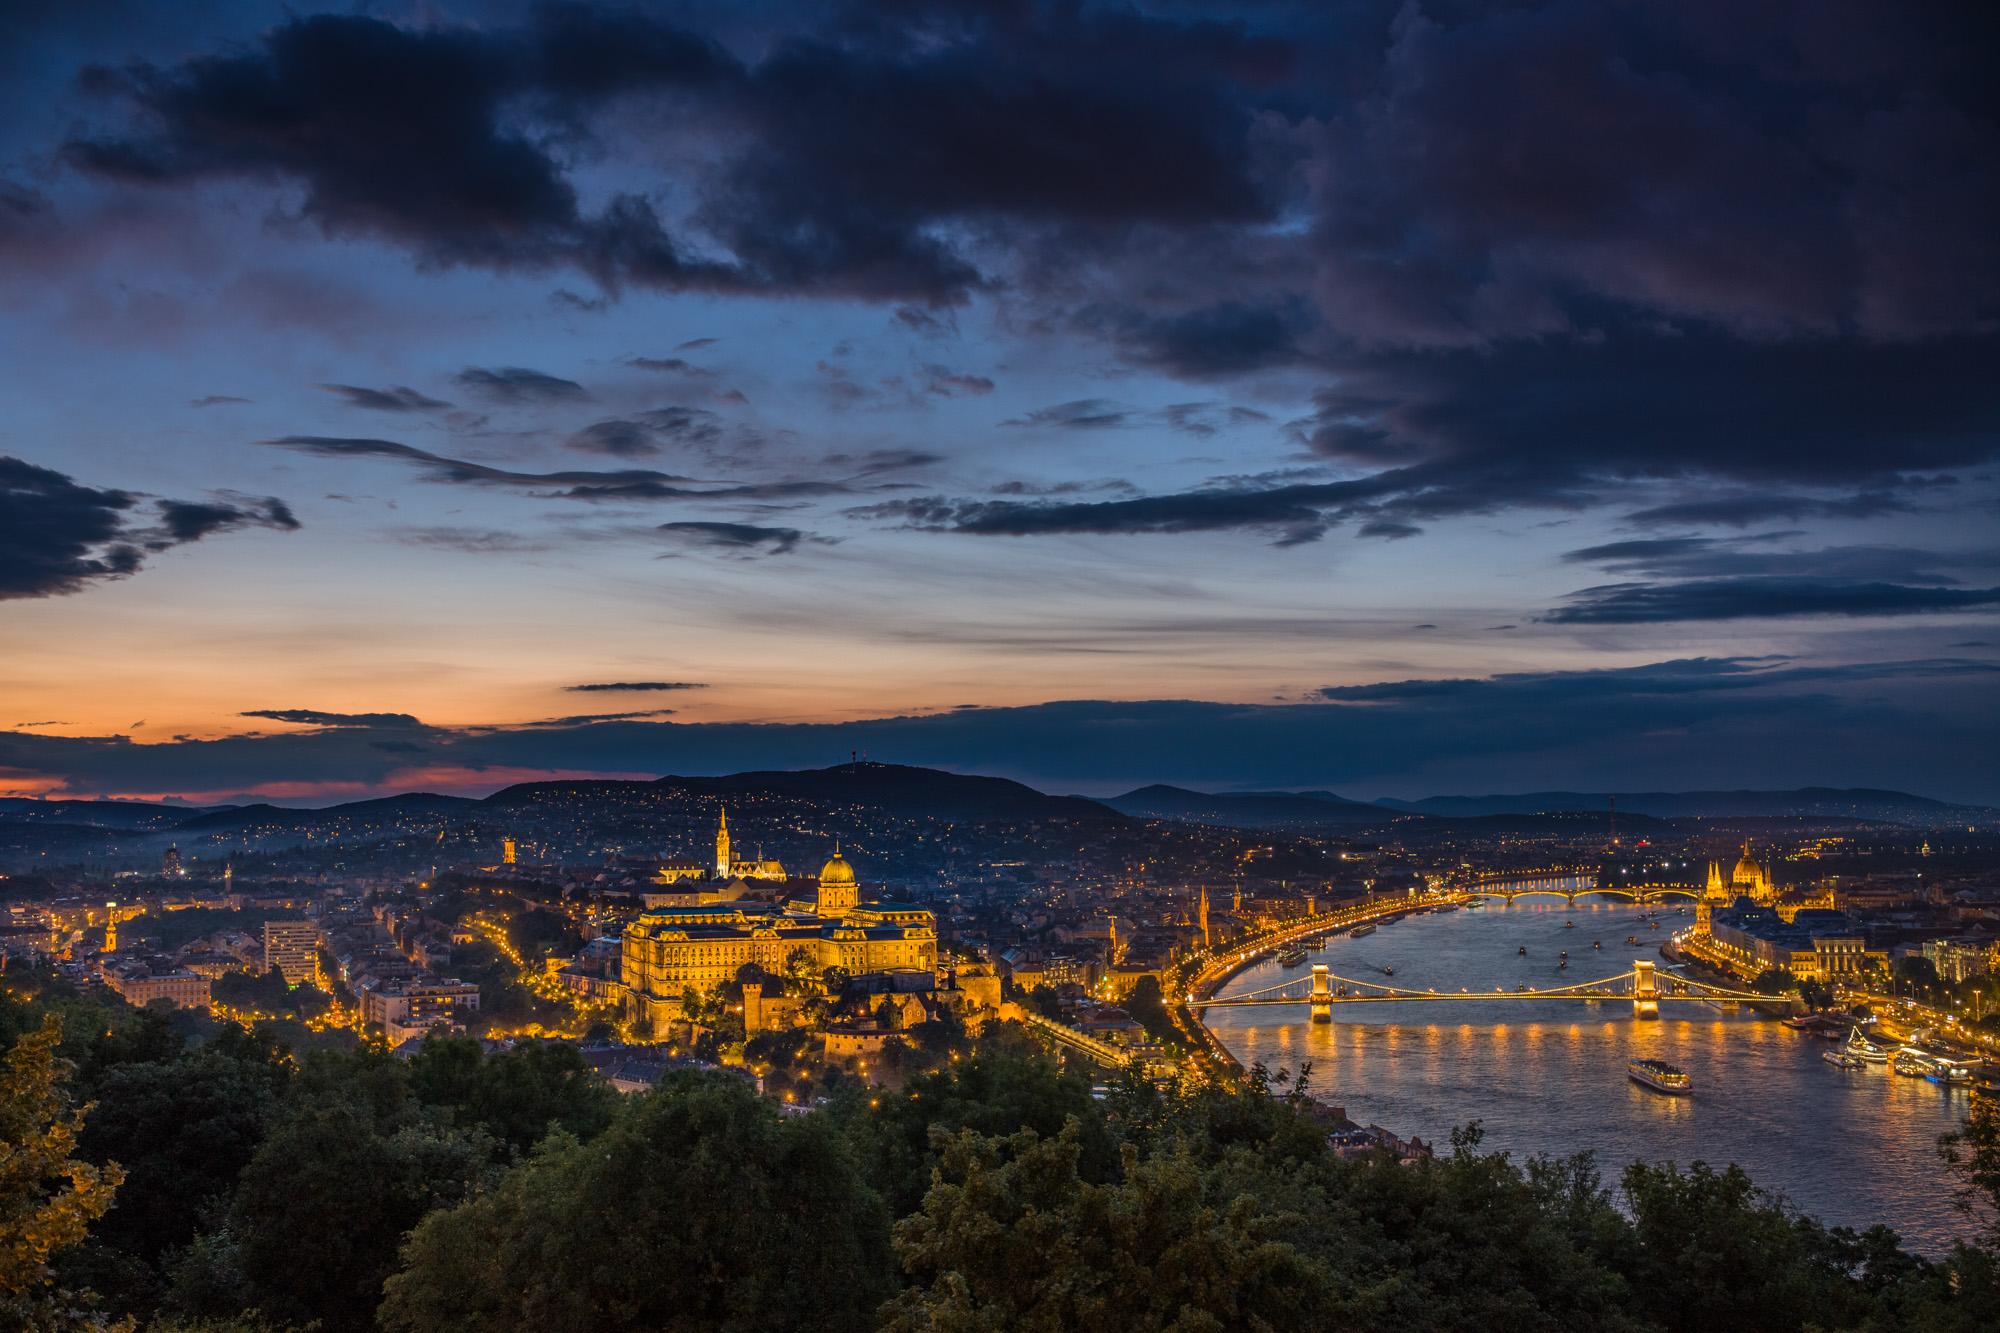 The Danube runs through Budapest as seen from Gellért Hill